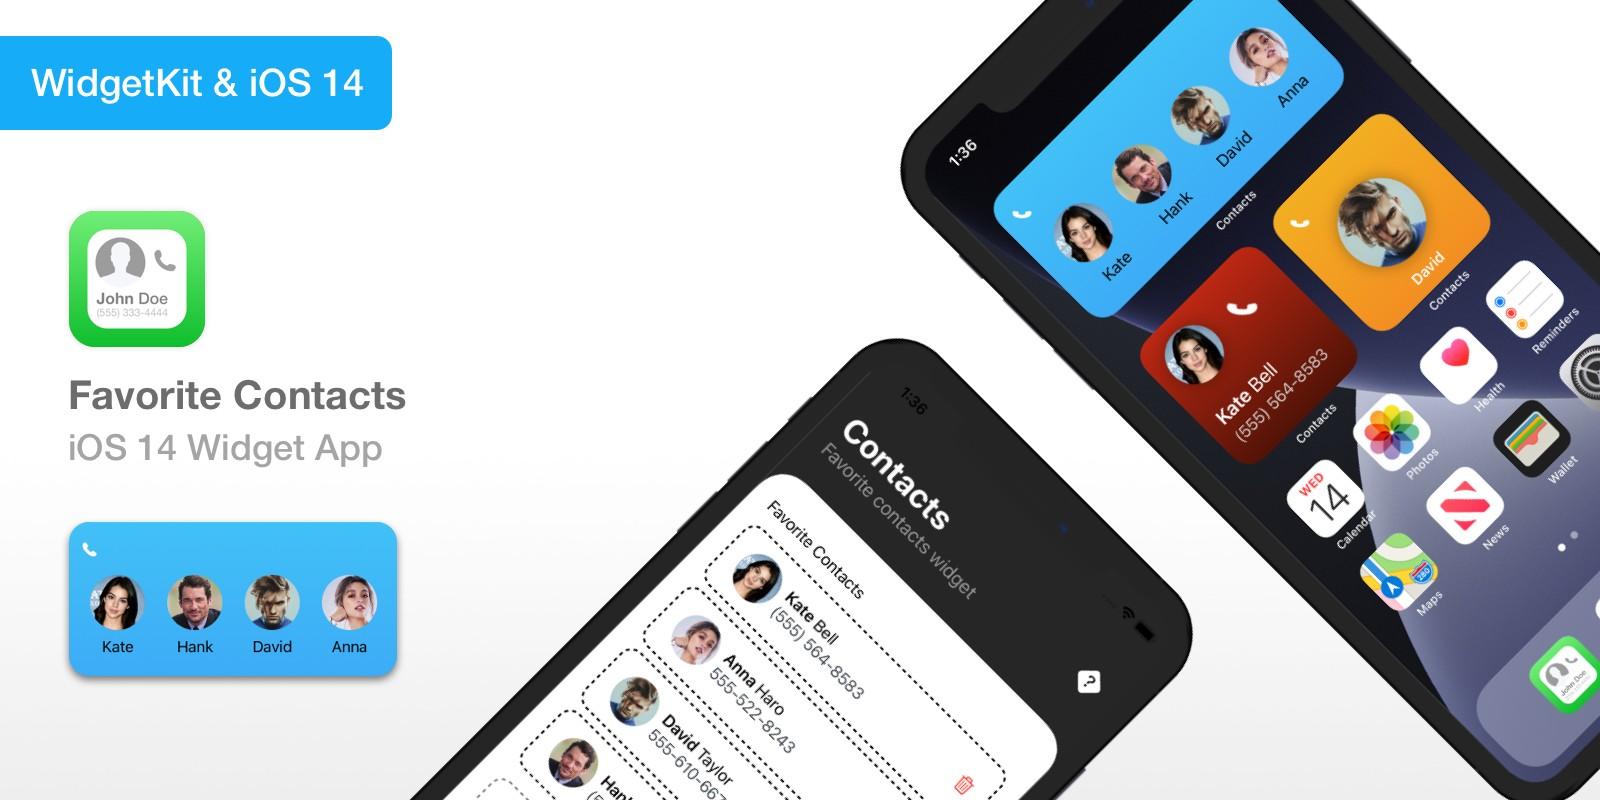 Favorite Contacts - iOS 14 Widget App Source Code